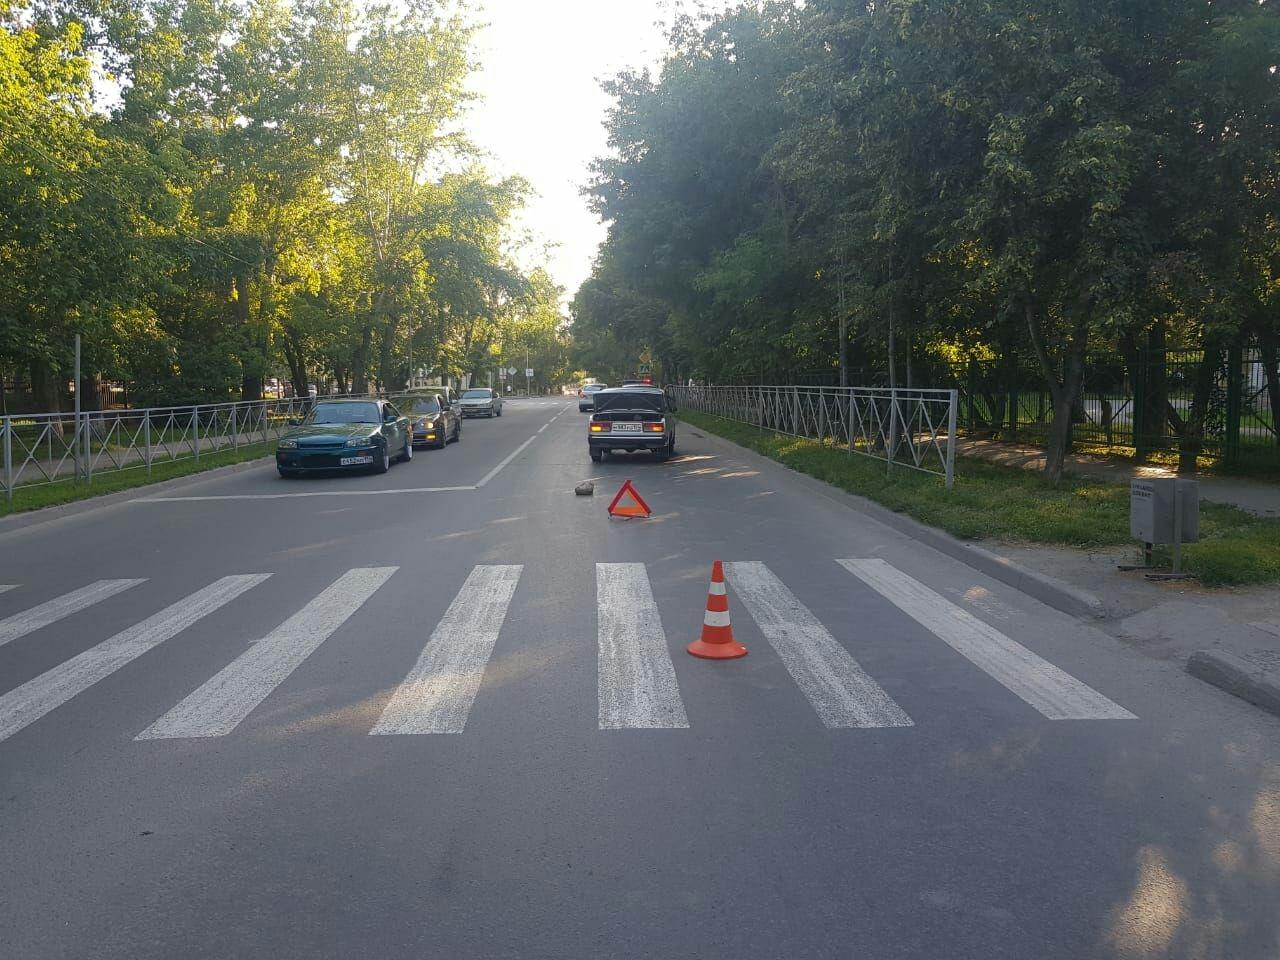 фото Переходил на красный: восьмилетний ребёнок попал под колёса в Новосибирске 2